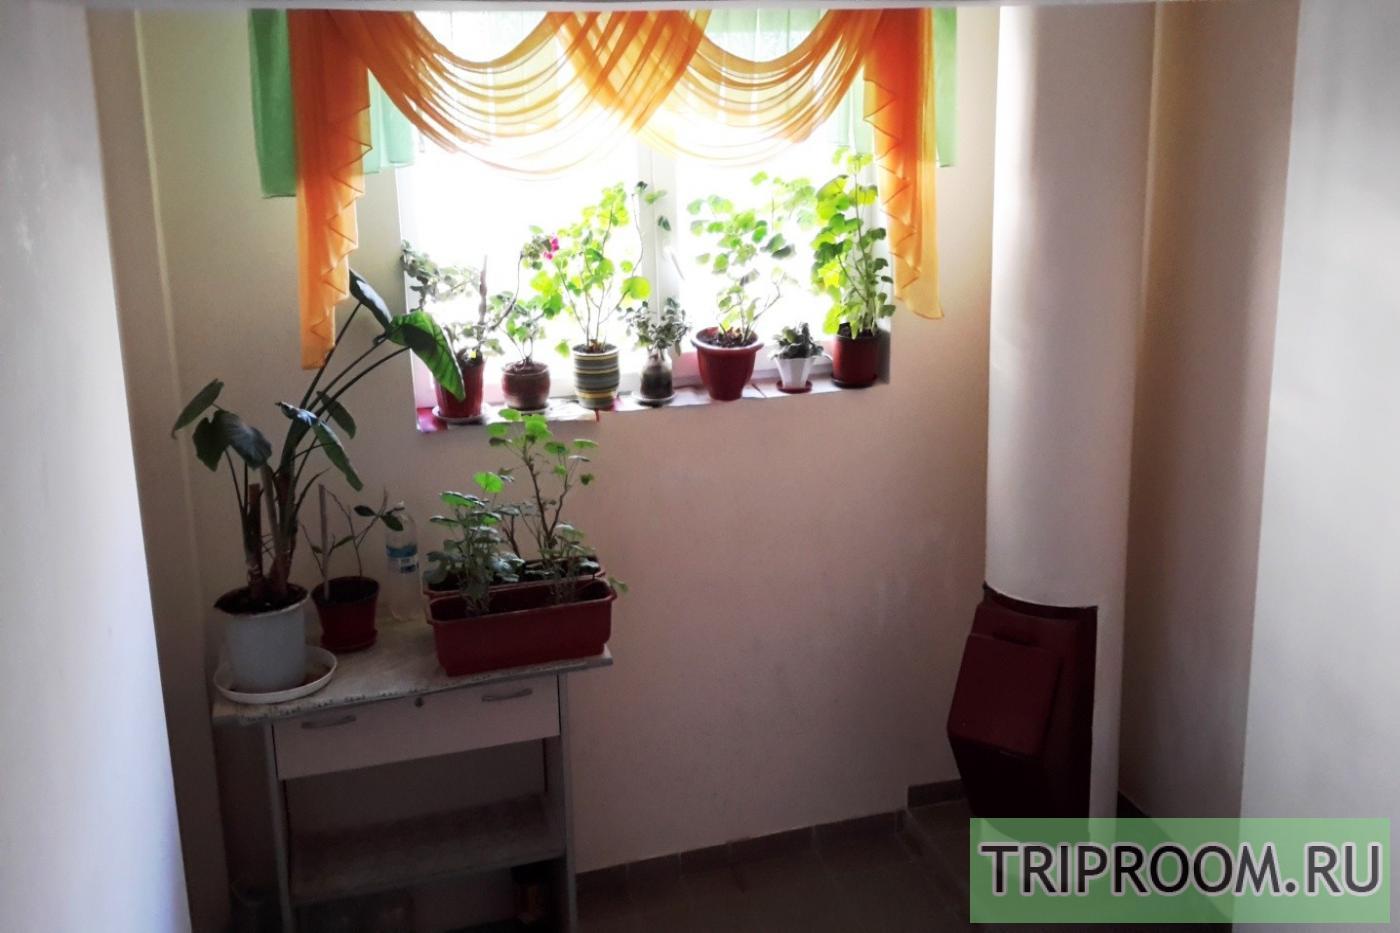 1-комнатная квартира посуточно (вариант № 1359), ул. Античный проспект, фото № 4